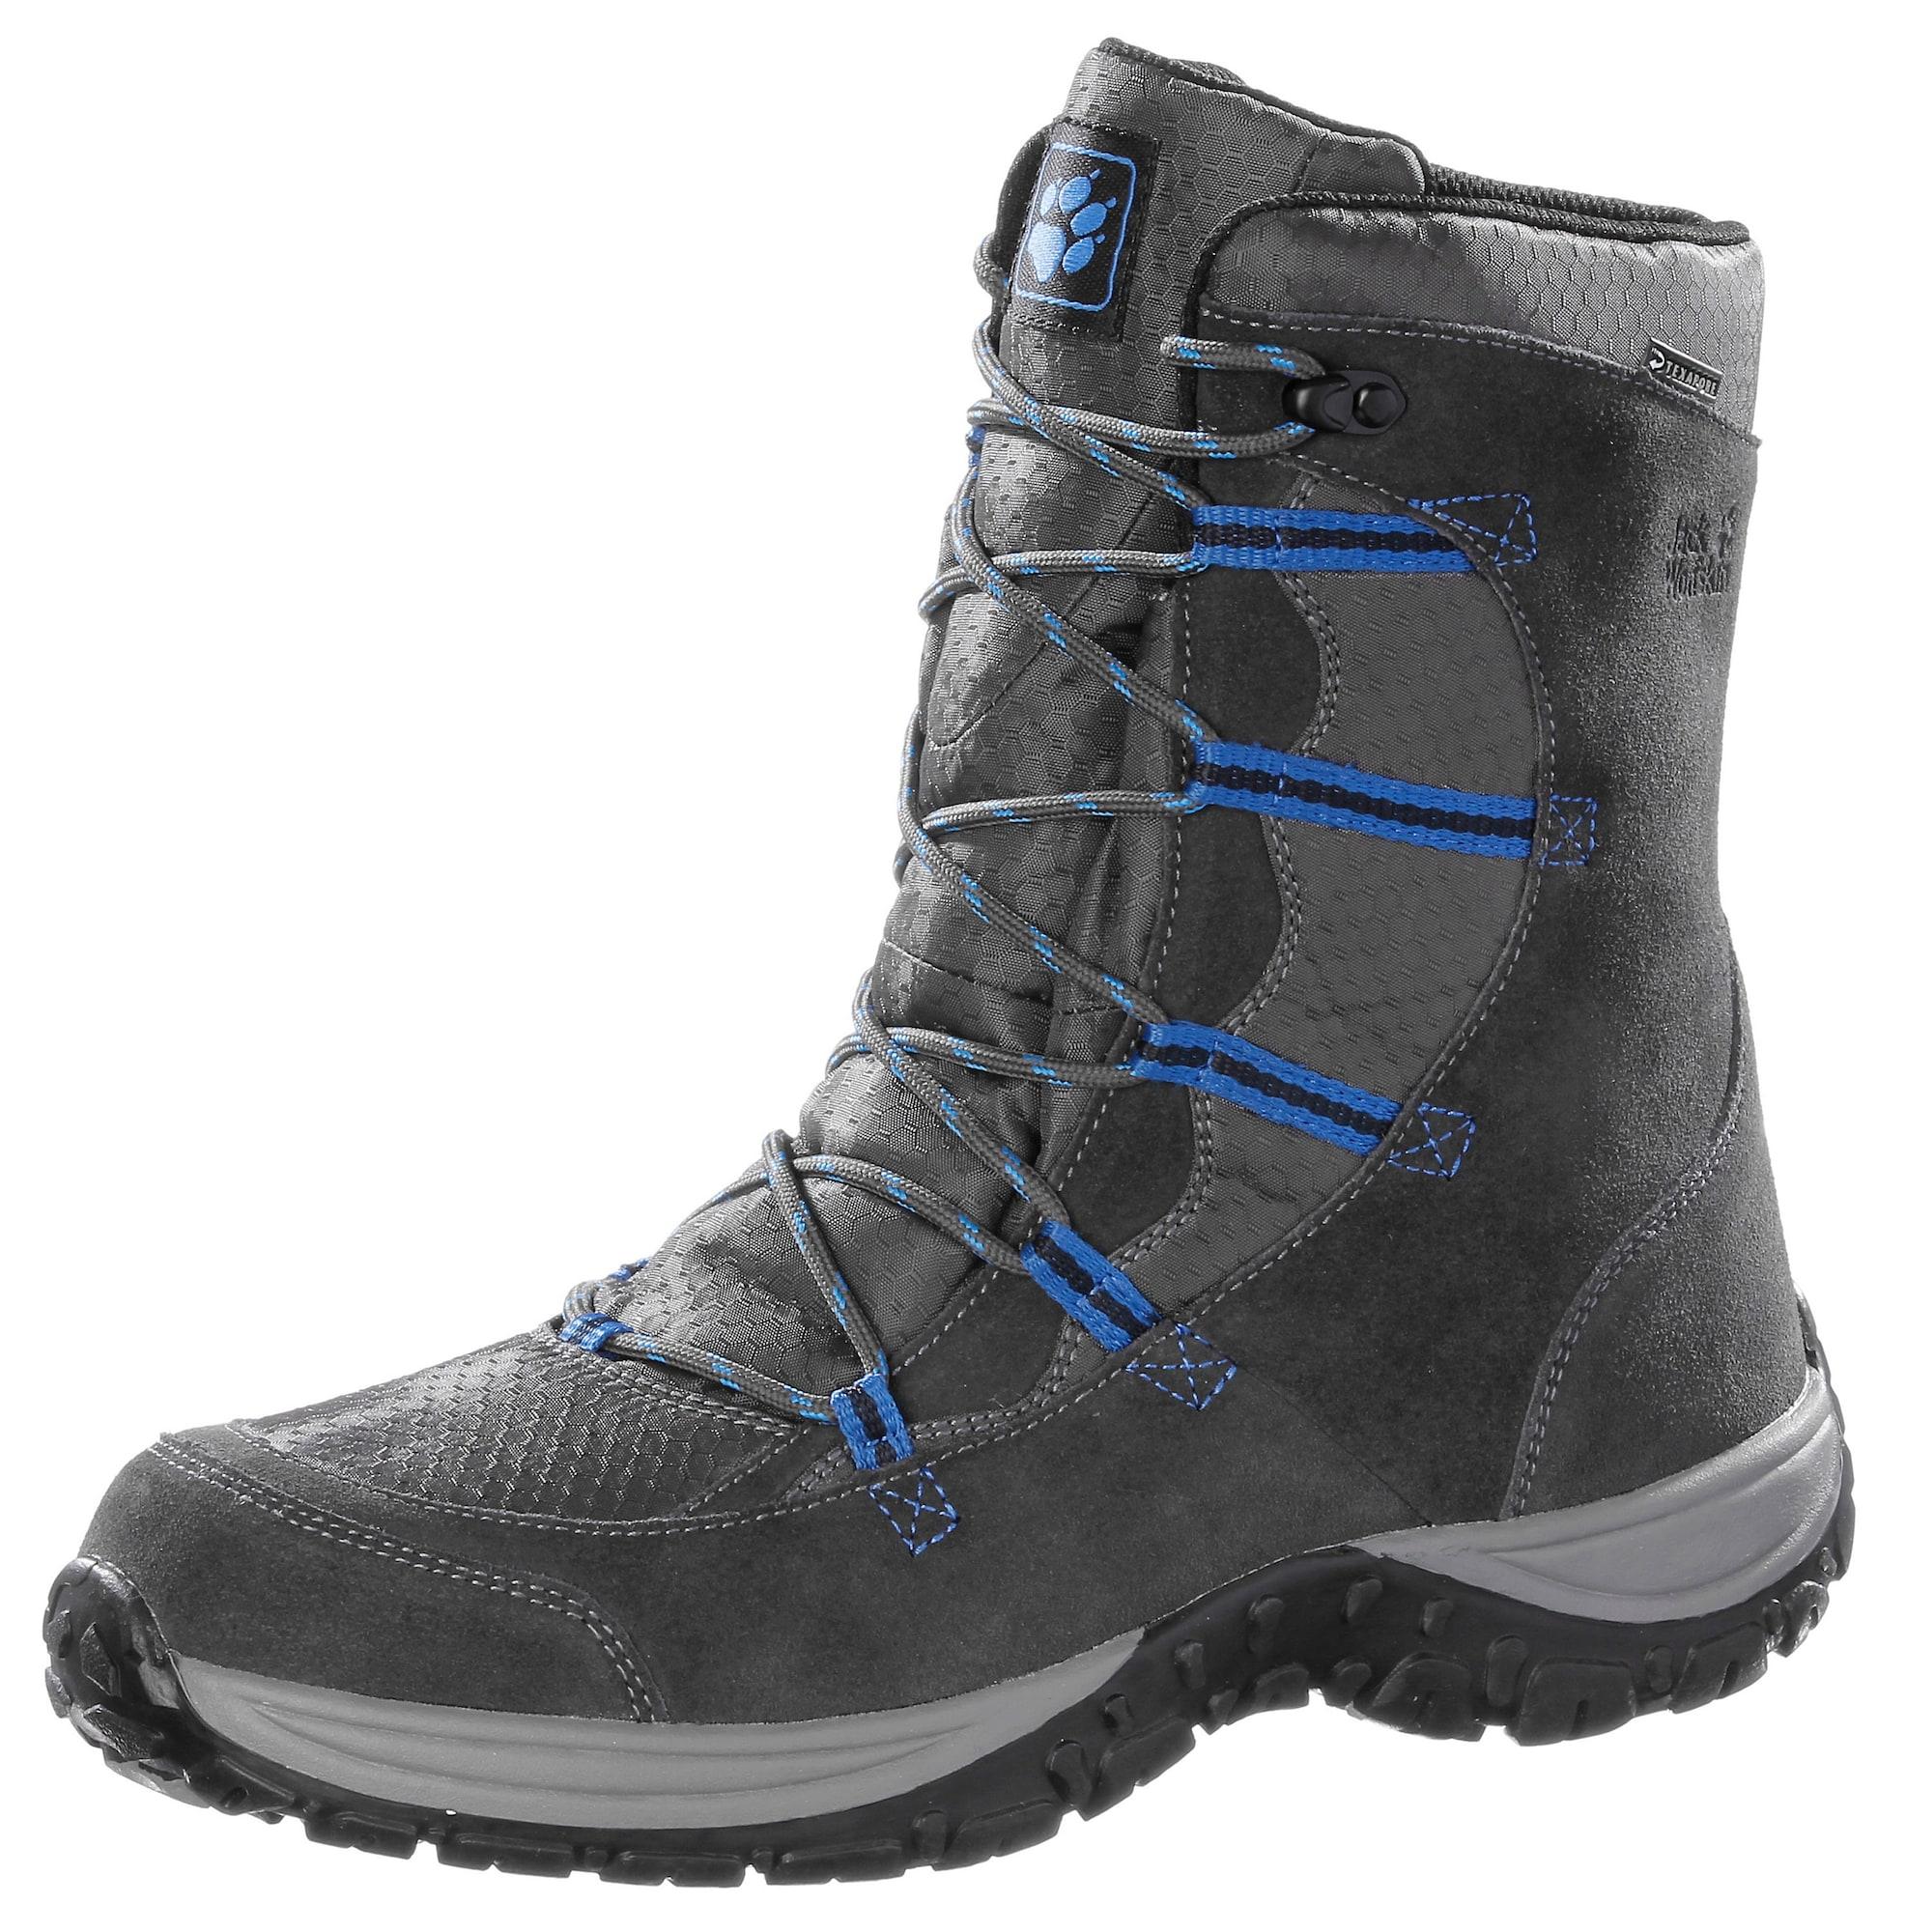 Aktive Für Schuhe Damen Jack Modeexpertise Wolfskin n08OXkwP